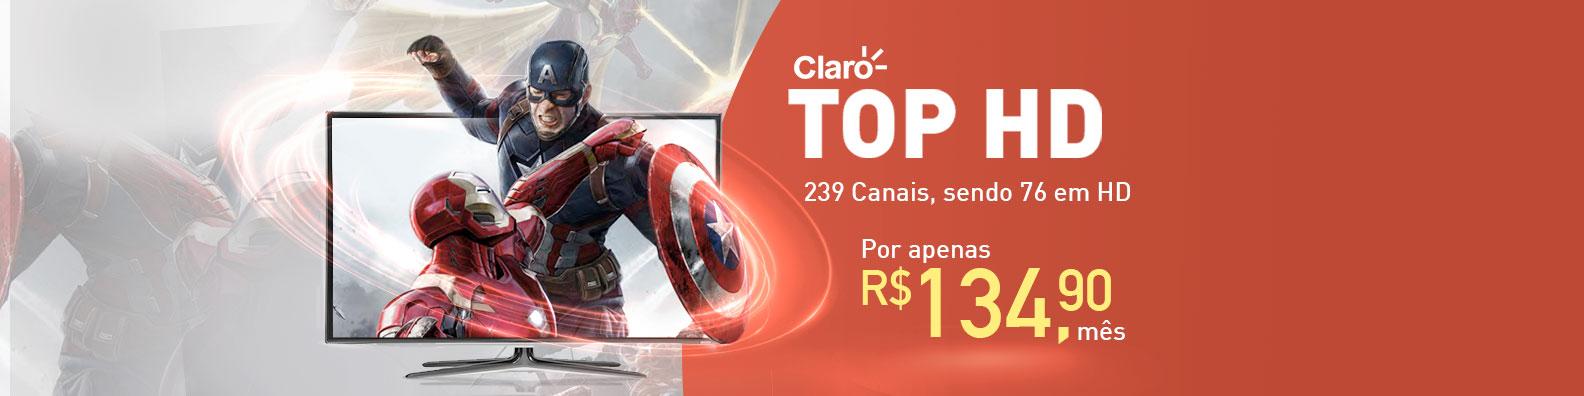 Promoções Claro para o pacote Claro TV Mix HD